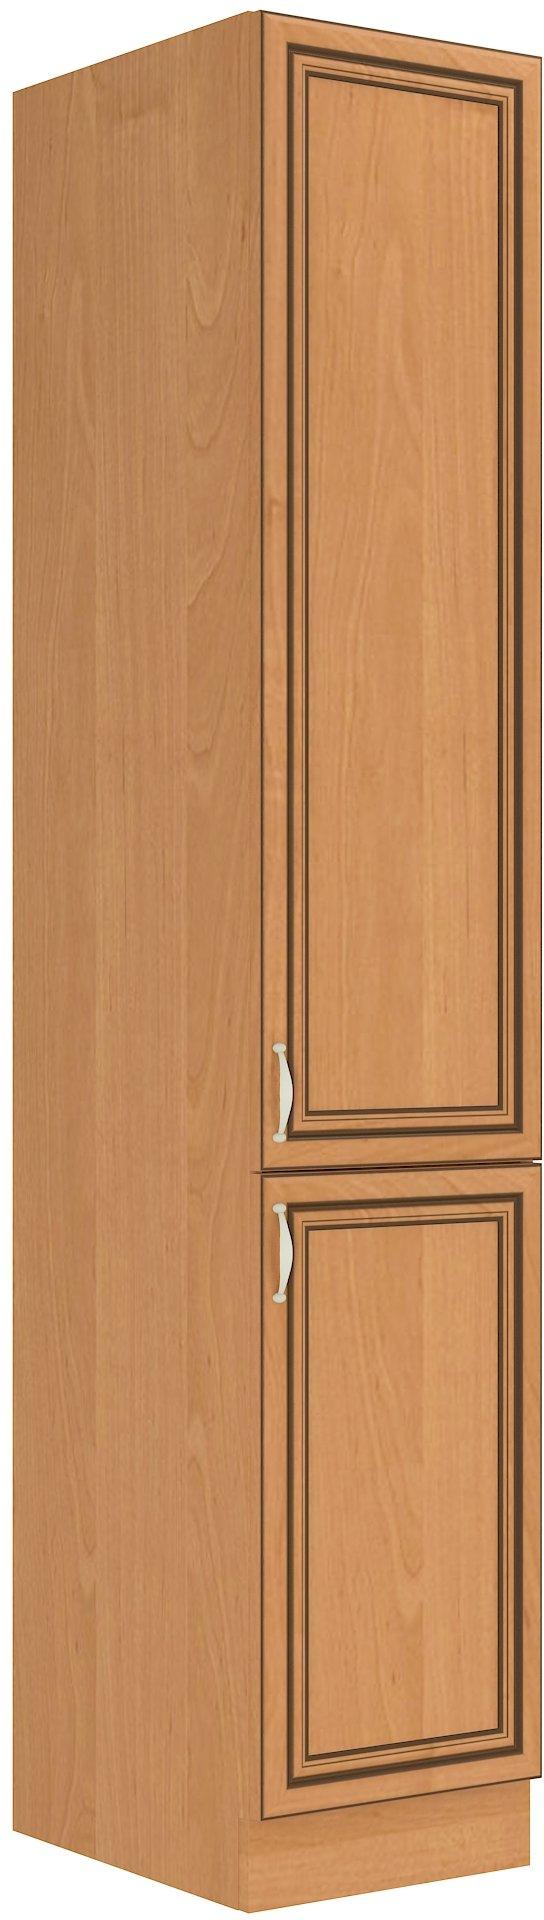 Επιδαπέδιο ντουλάπι ψηλό Barok 40 DK